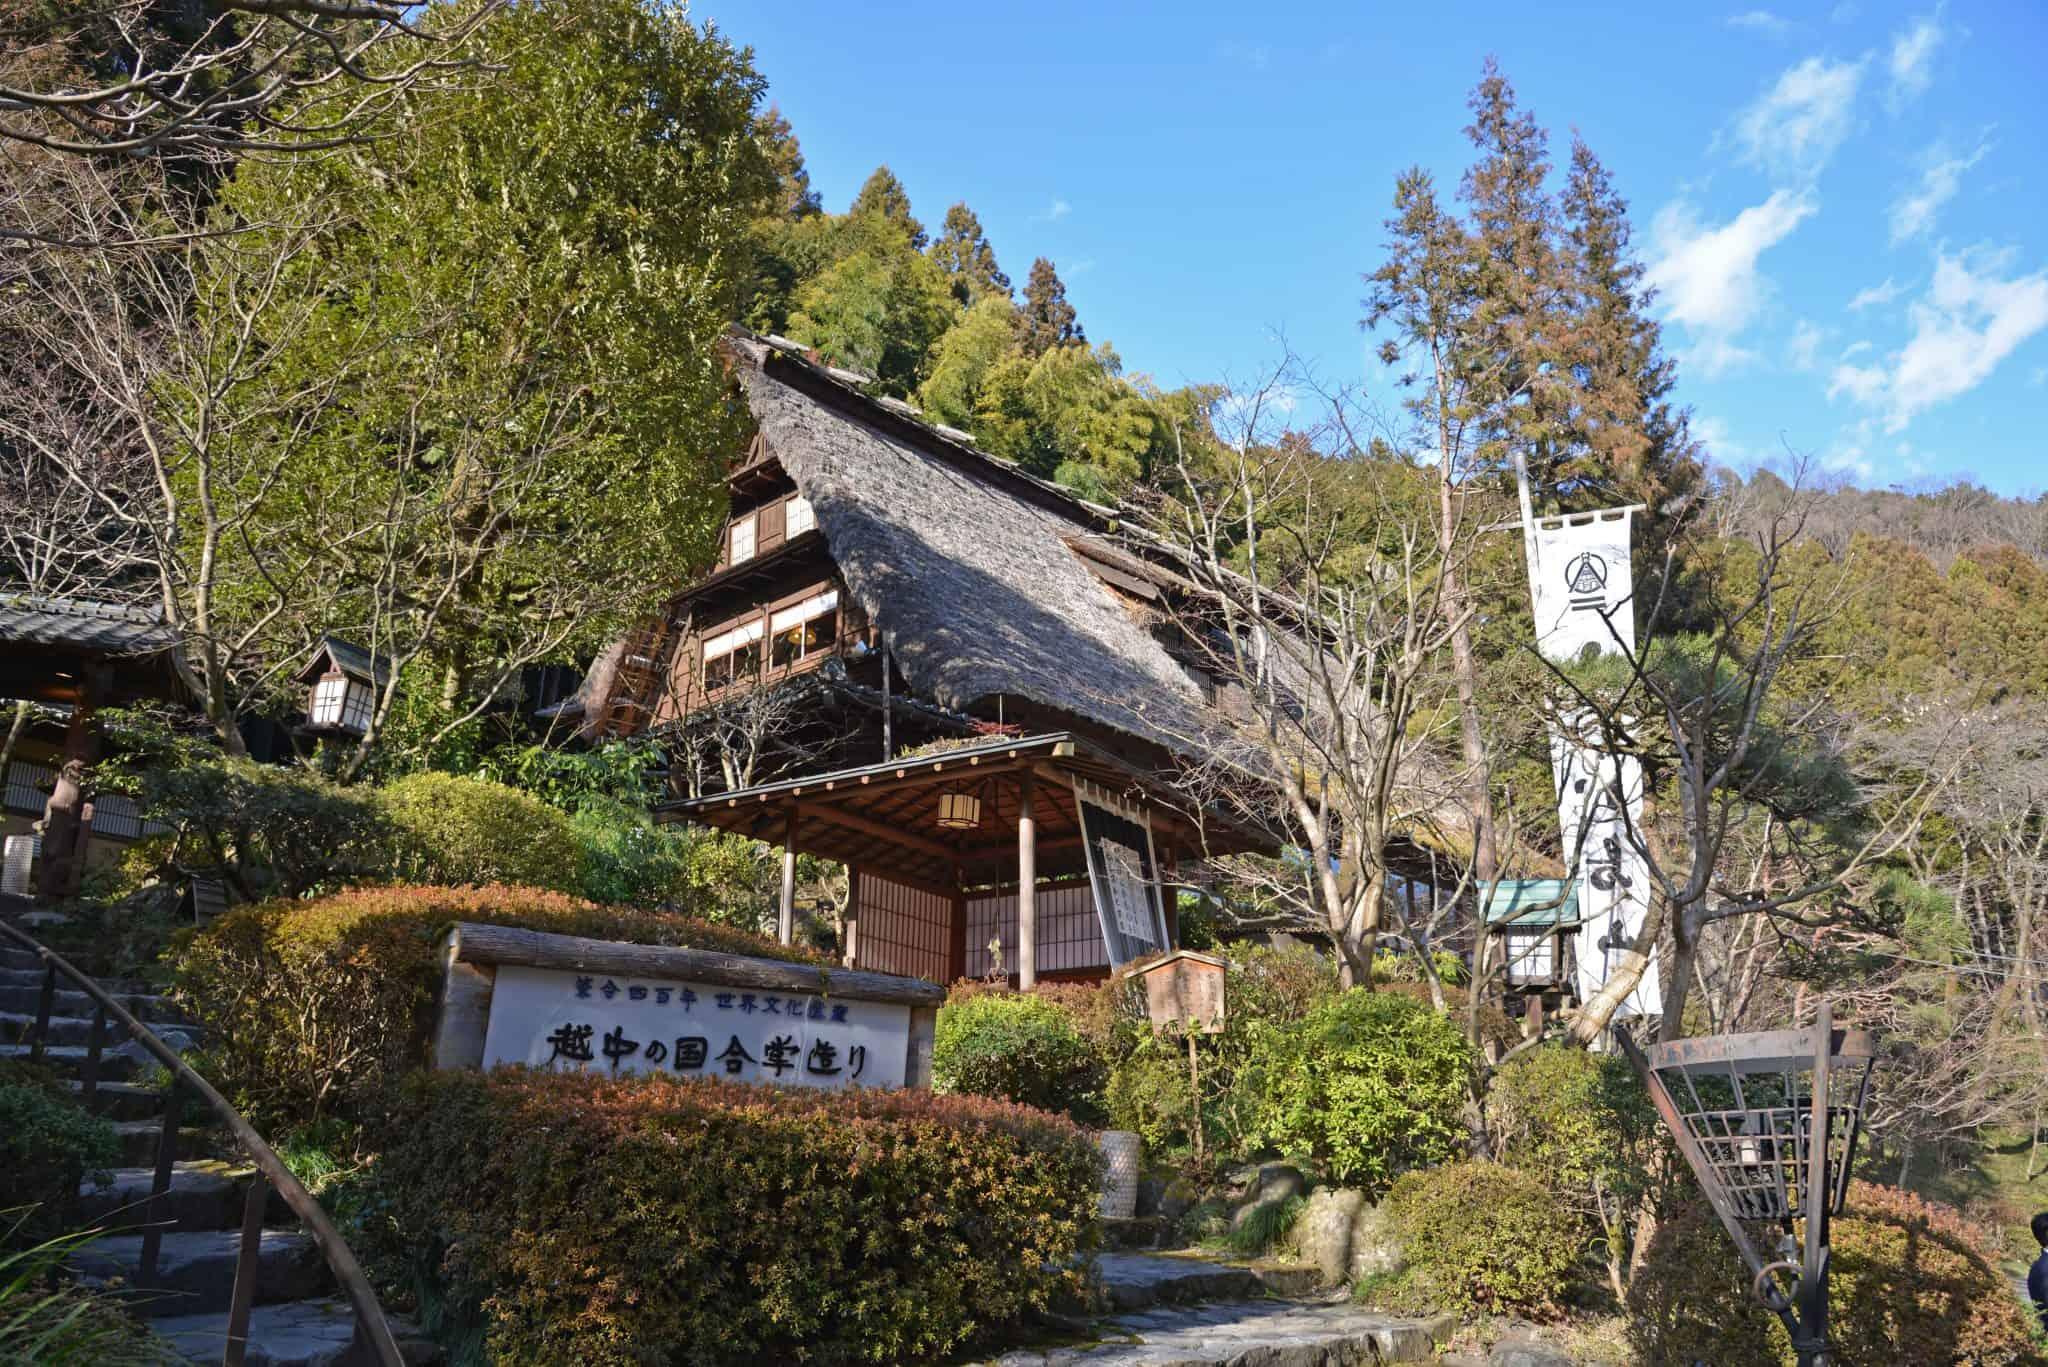 Ukai Toriyama